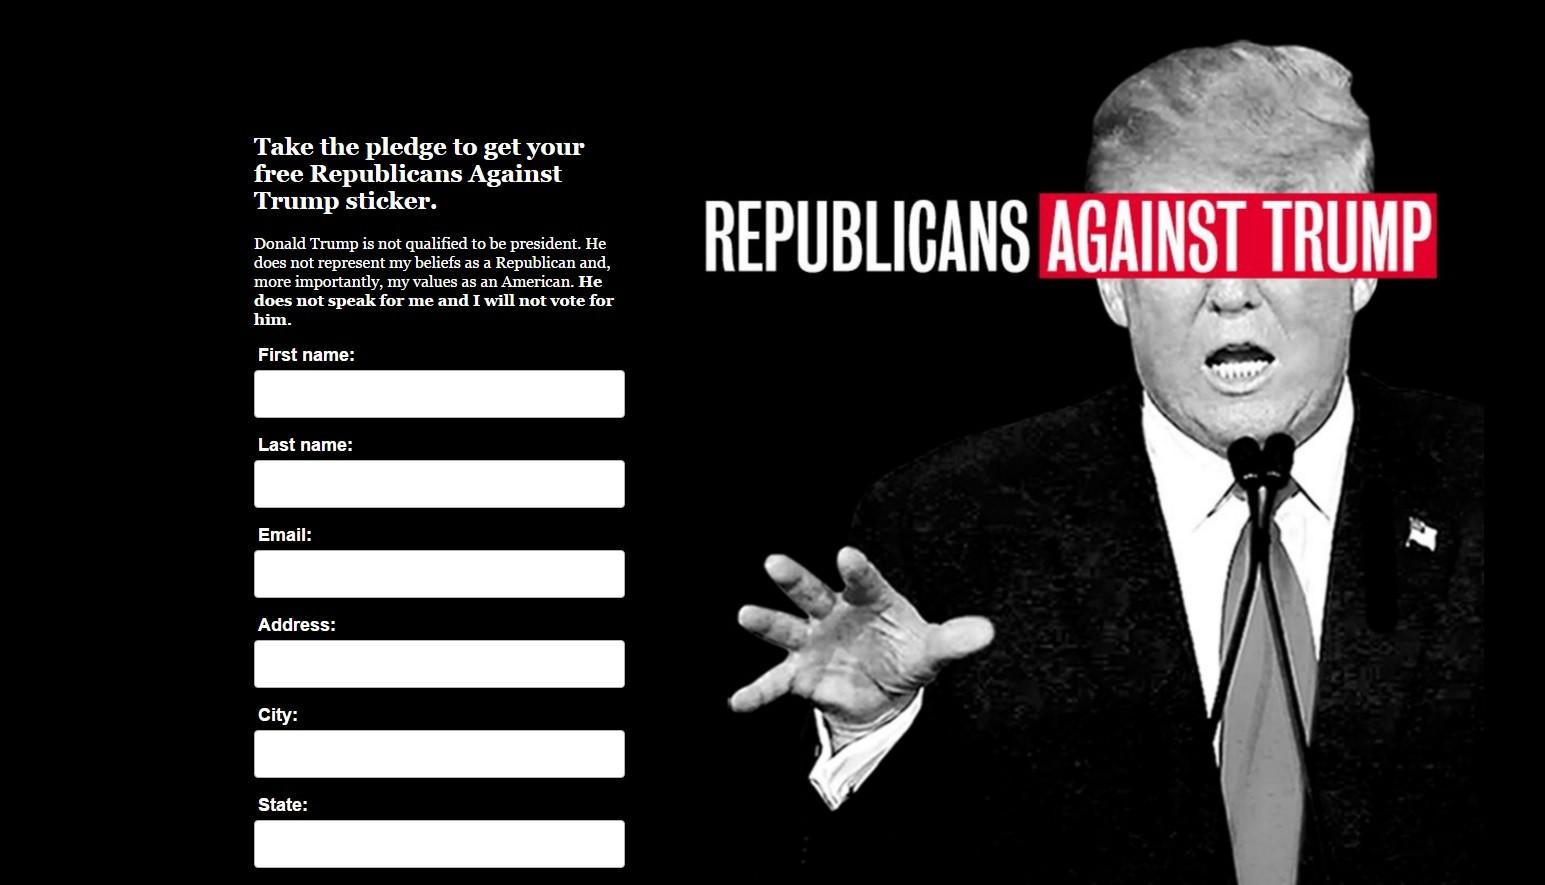 Hillary Clinton aux Républicains : « Ne votez pas pour Trump ! »…et recevez un autocollant